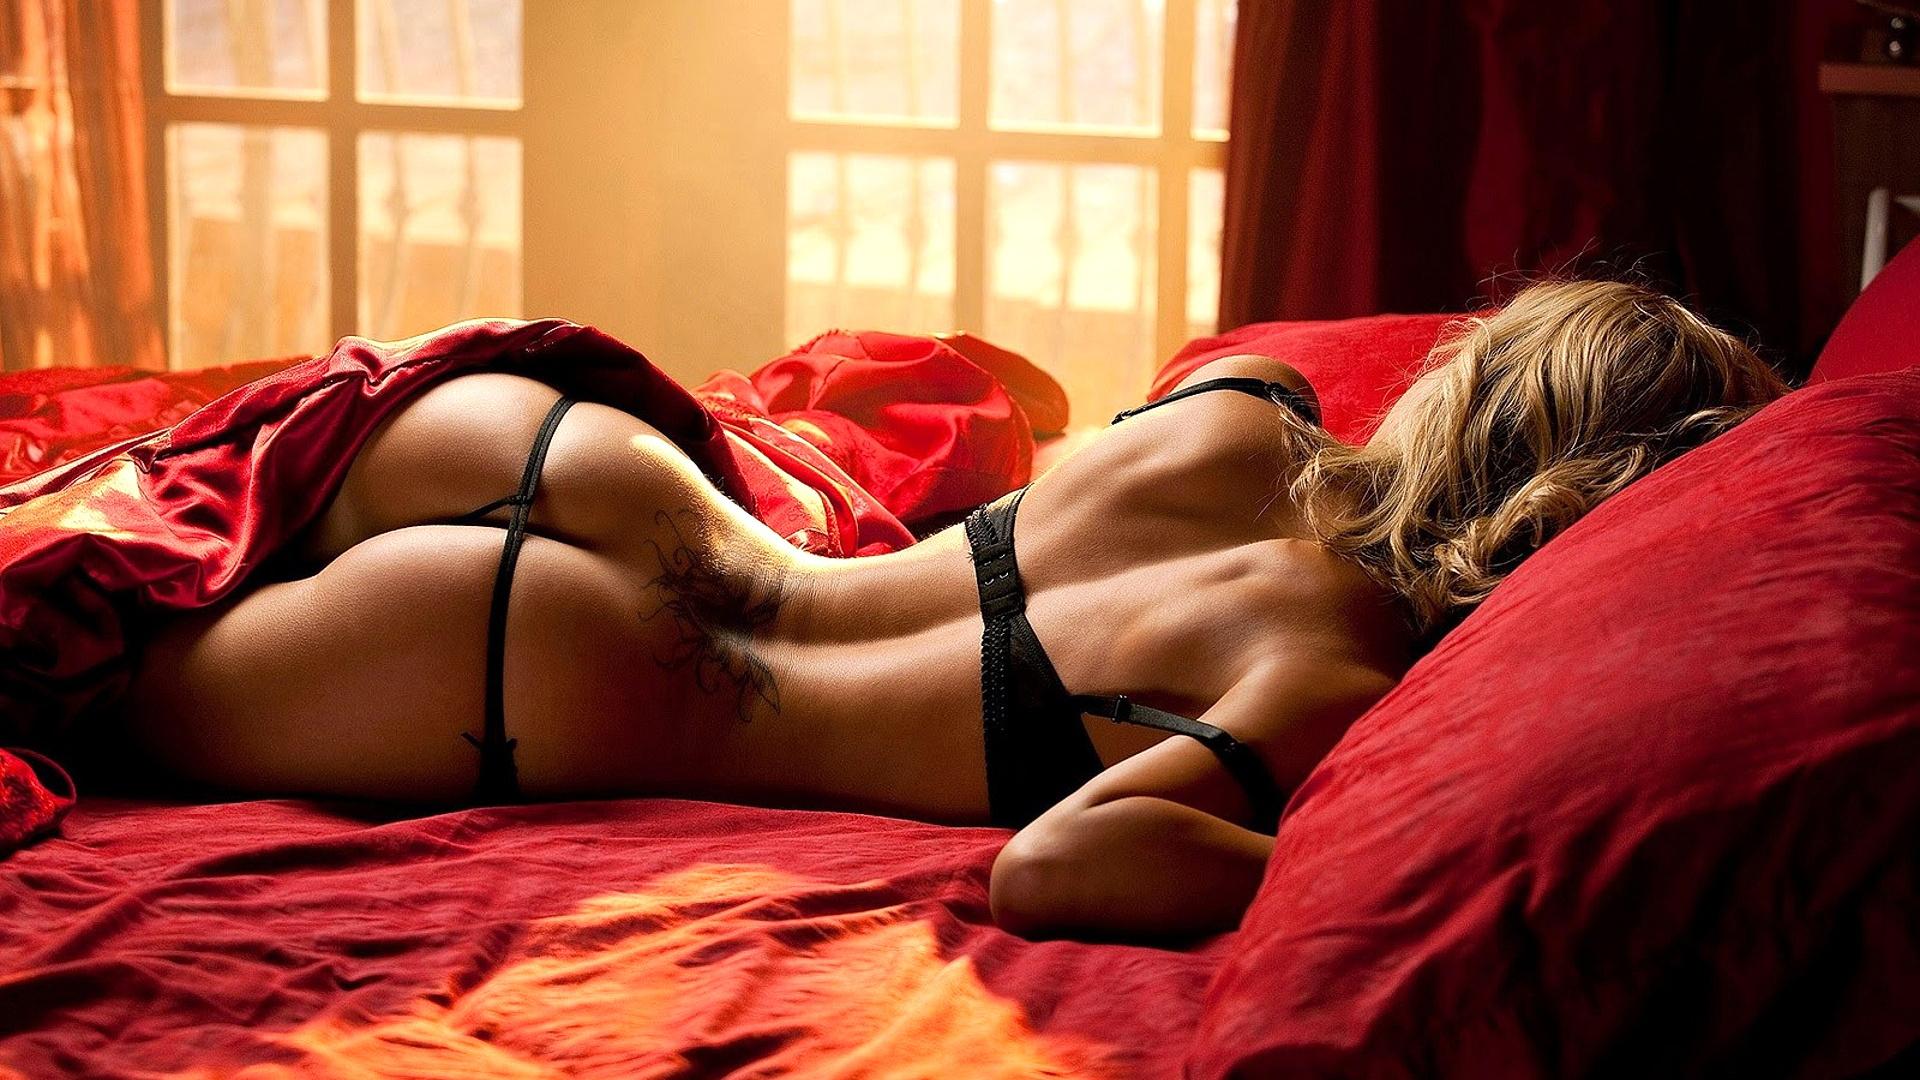 Сексуальное фото hd 68612 фотография